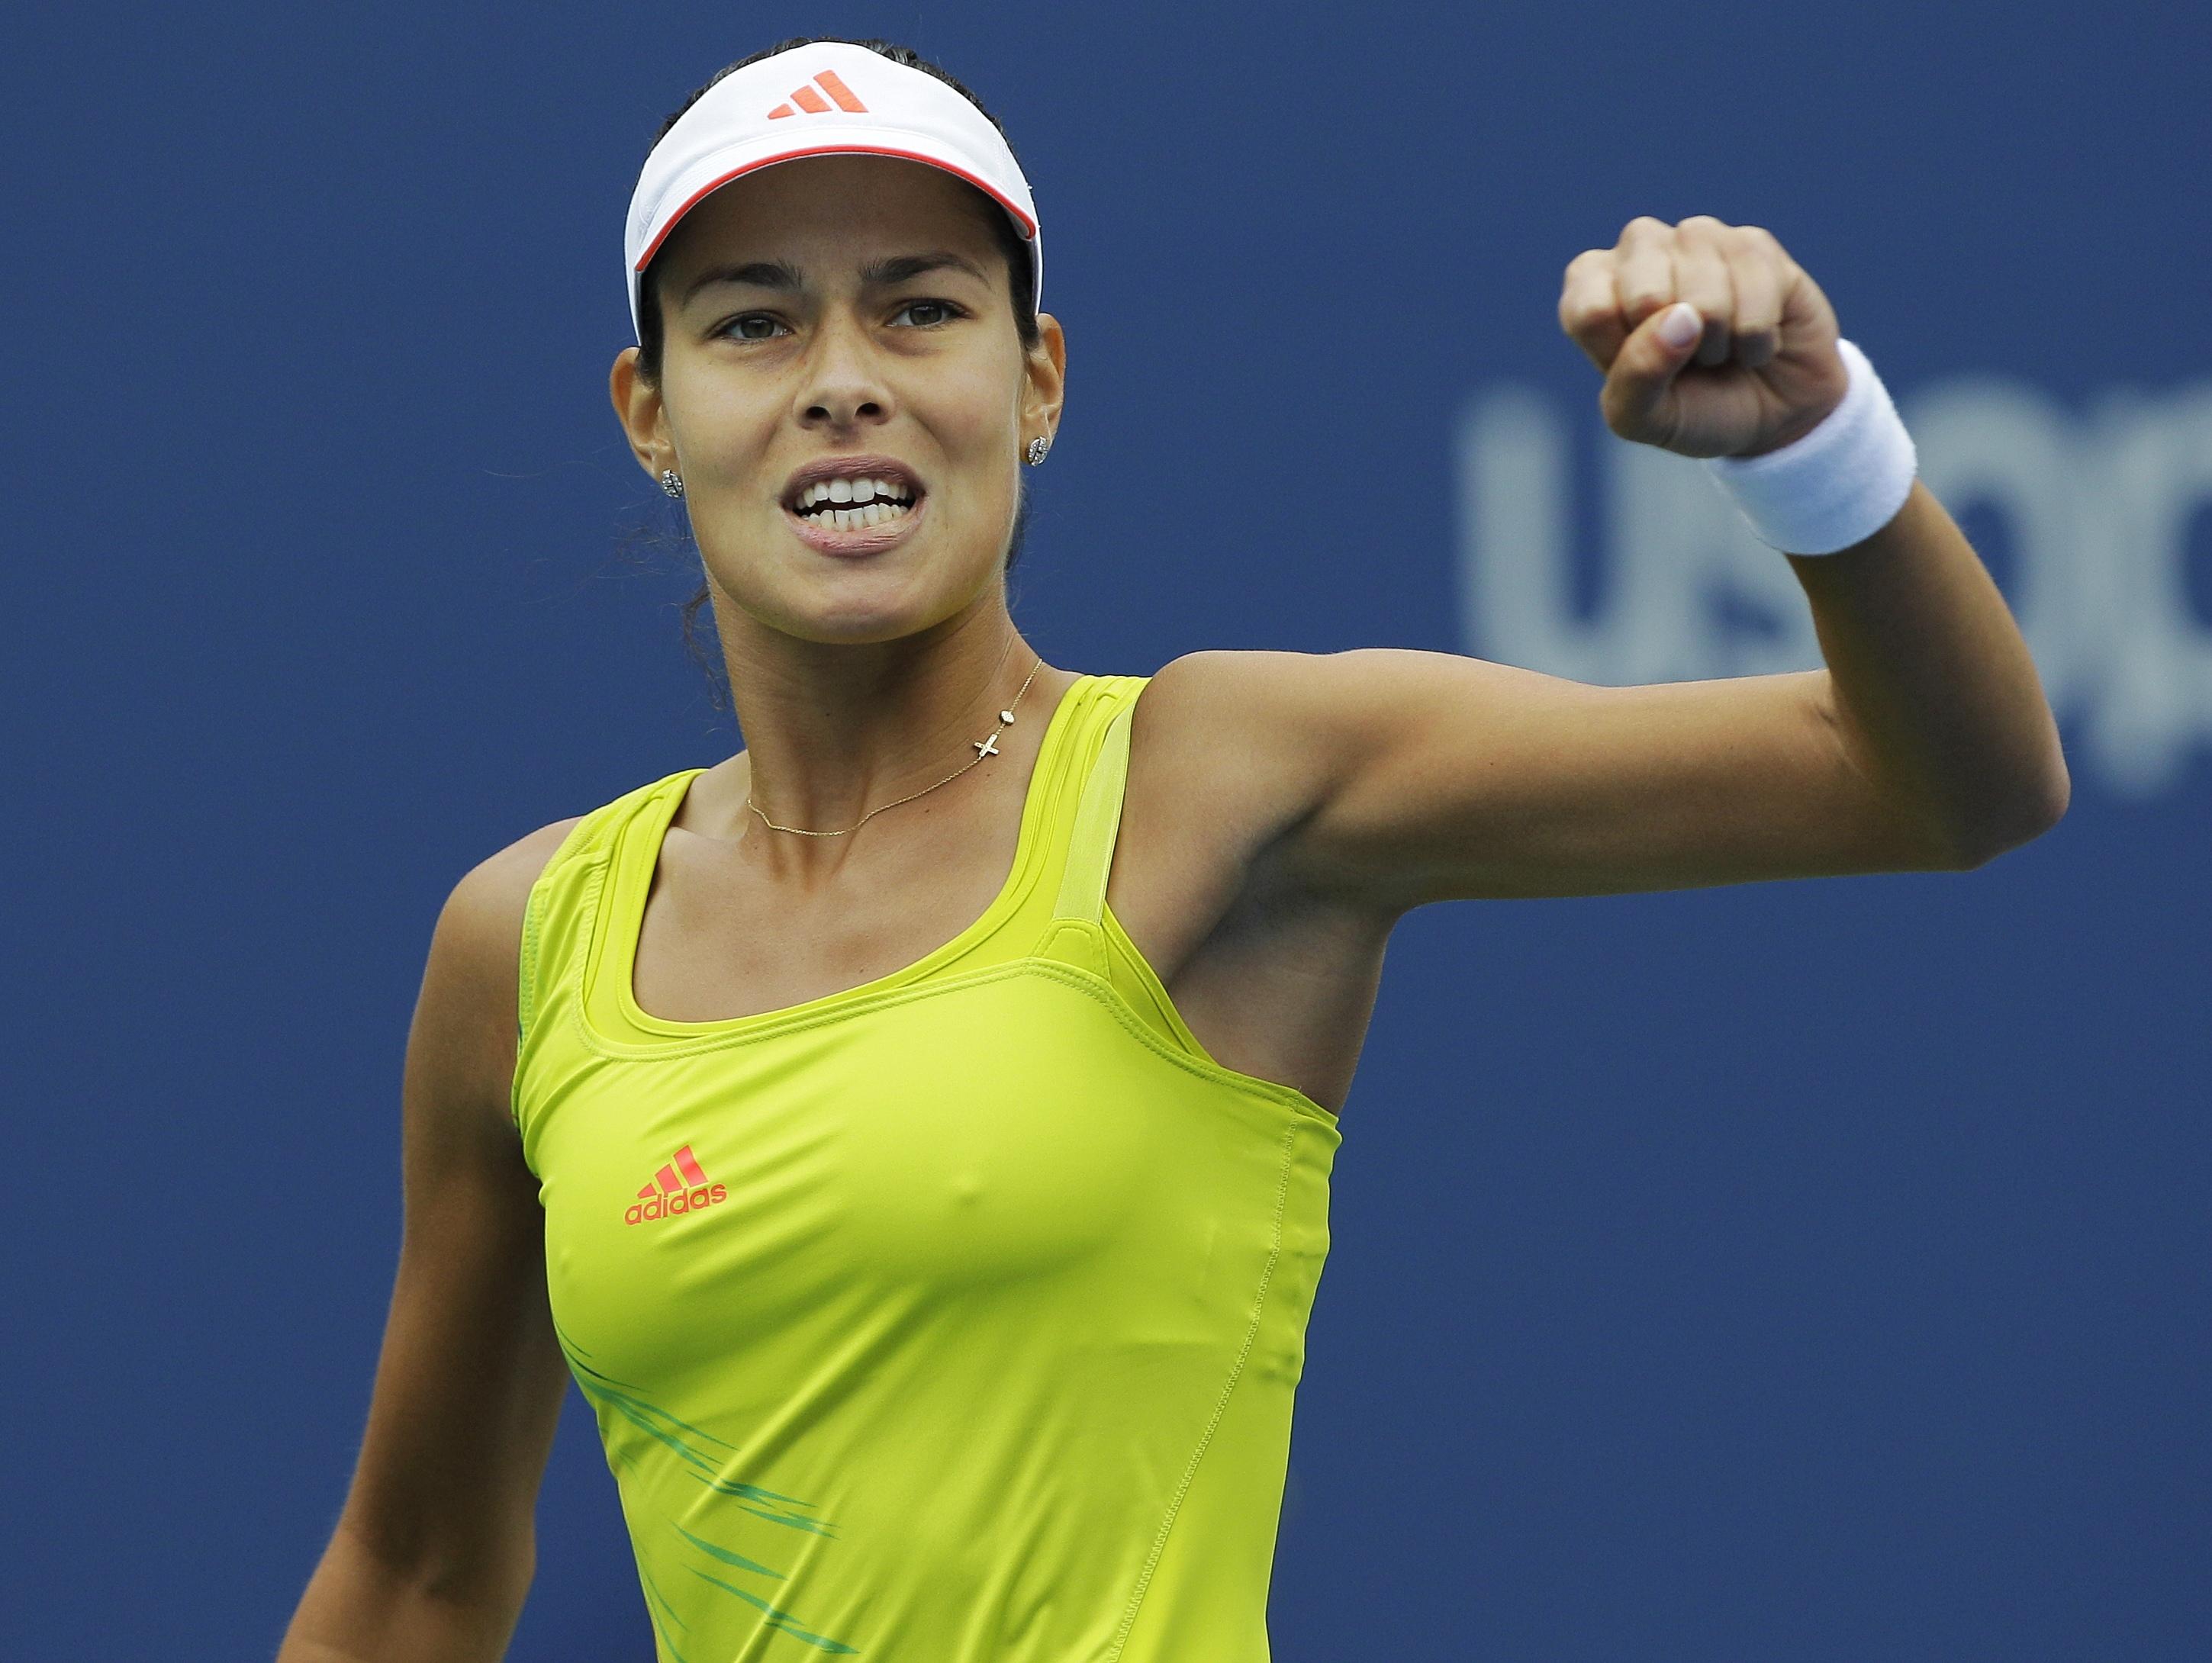 US Open 2012: Ana Ivanovic beats Tsvetana Pironkova to reach quarters ...